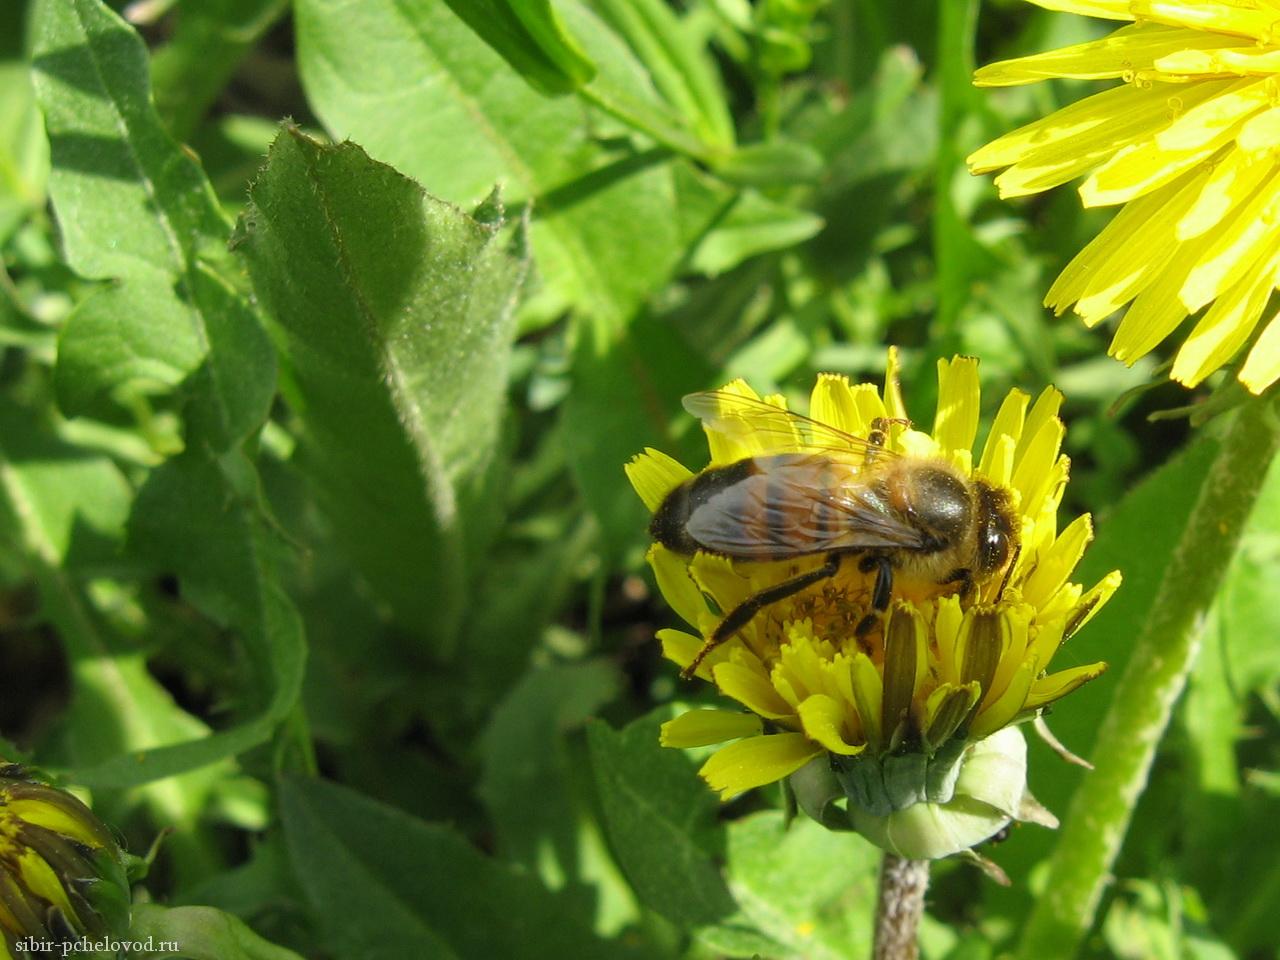 обои с пчелами